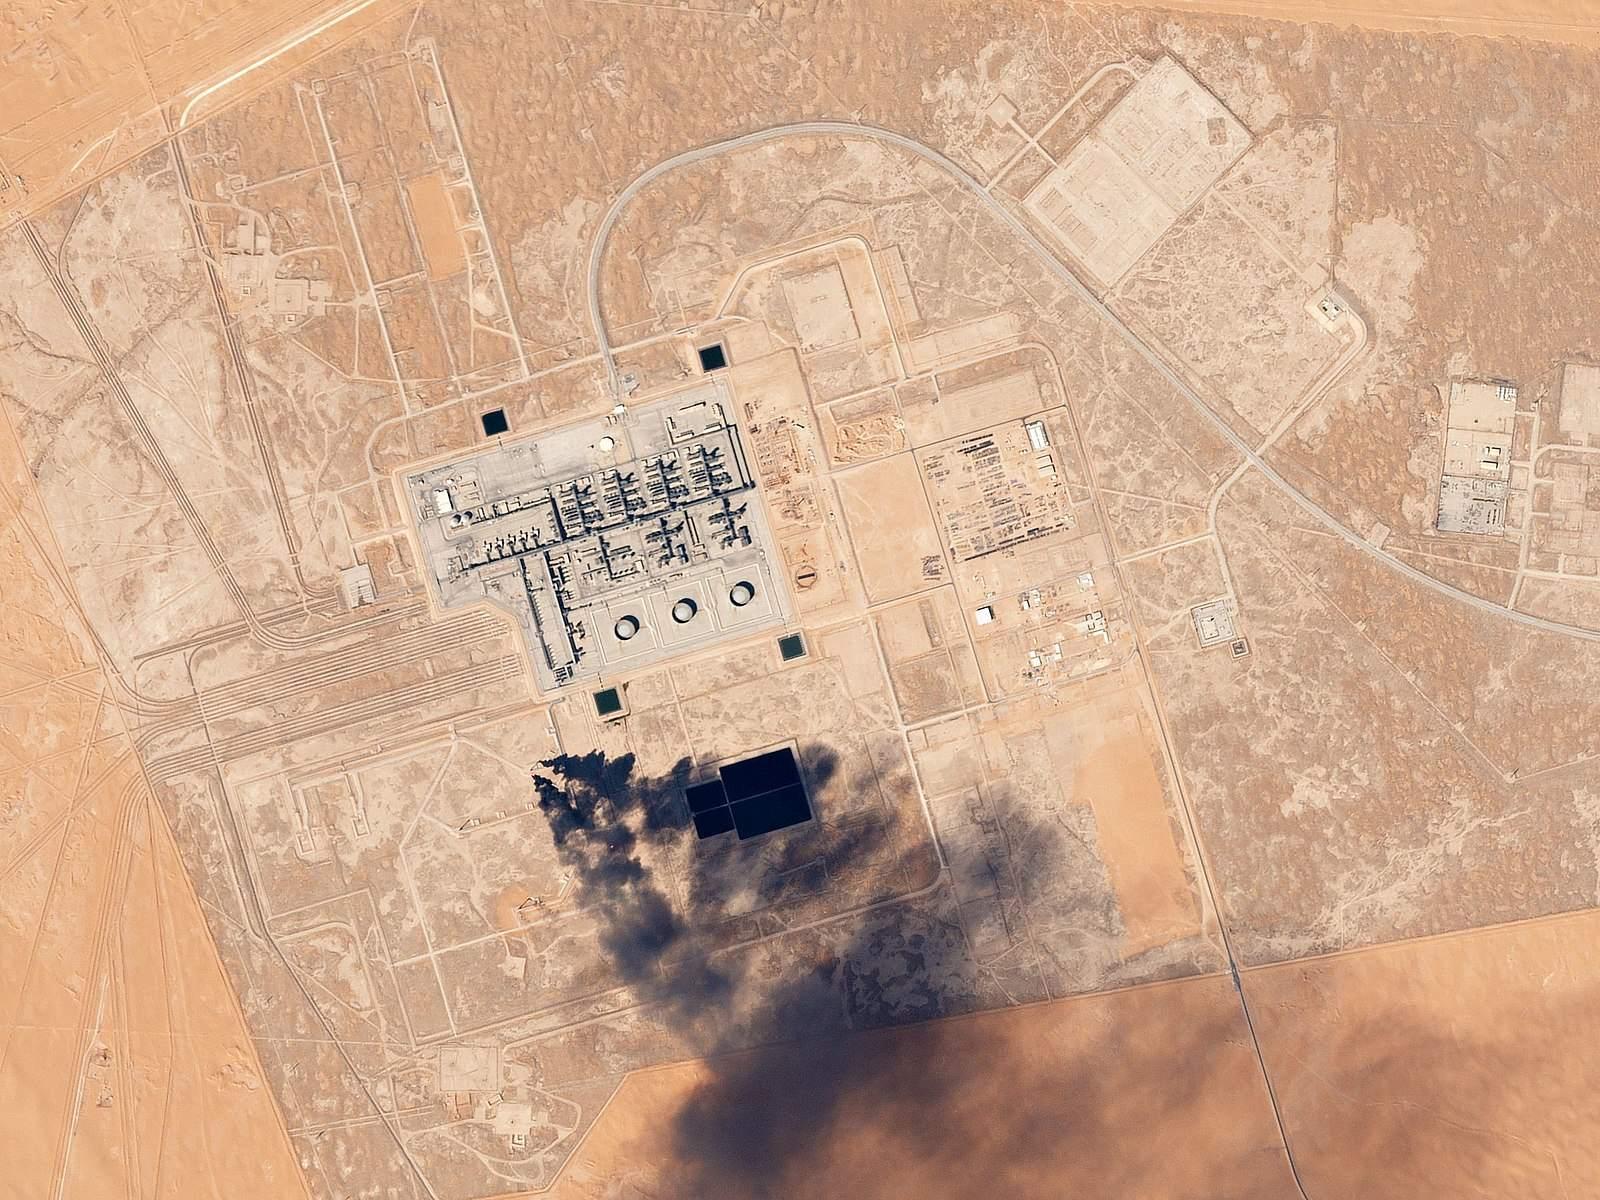 Ölpreis steigt - Angriffe auf saudische Ölanlagen - Foto Khurais aus 2017